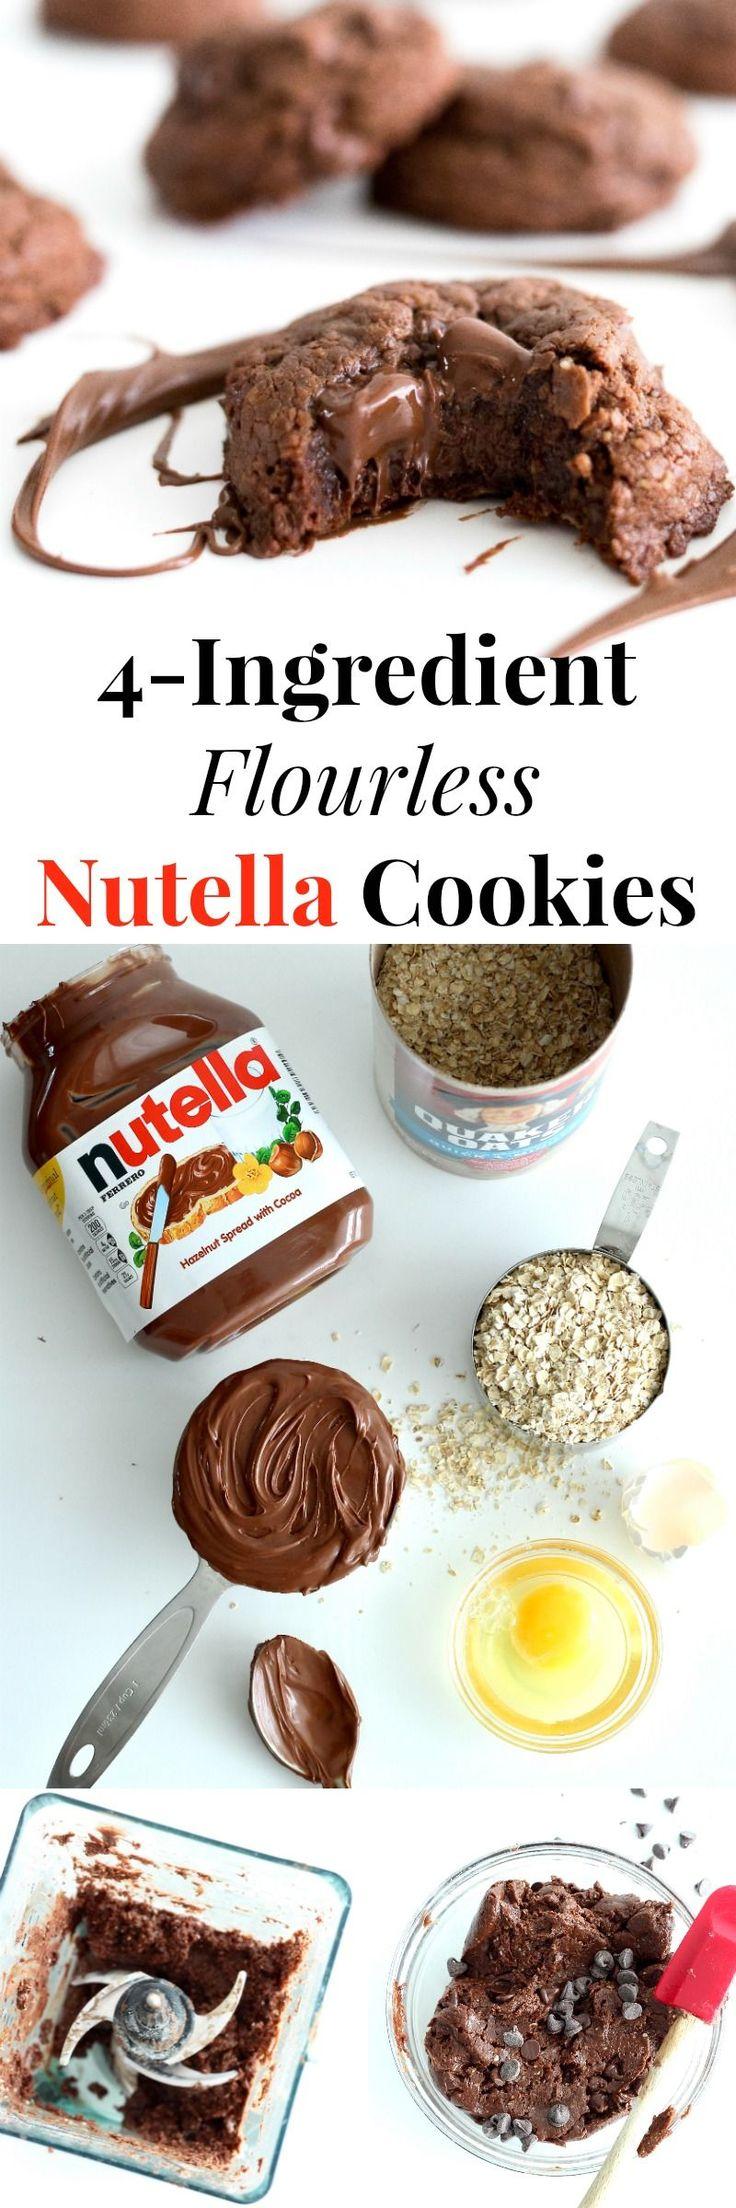 4-Ingredient Flourless Nutella Cookies | The BakerMama